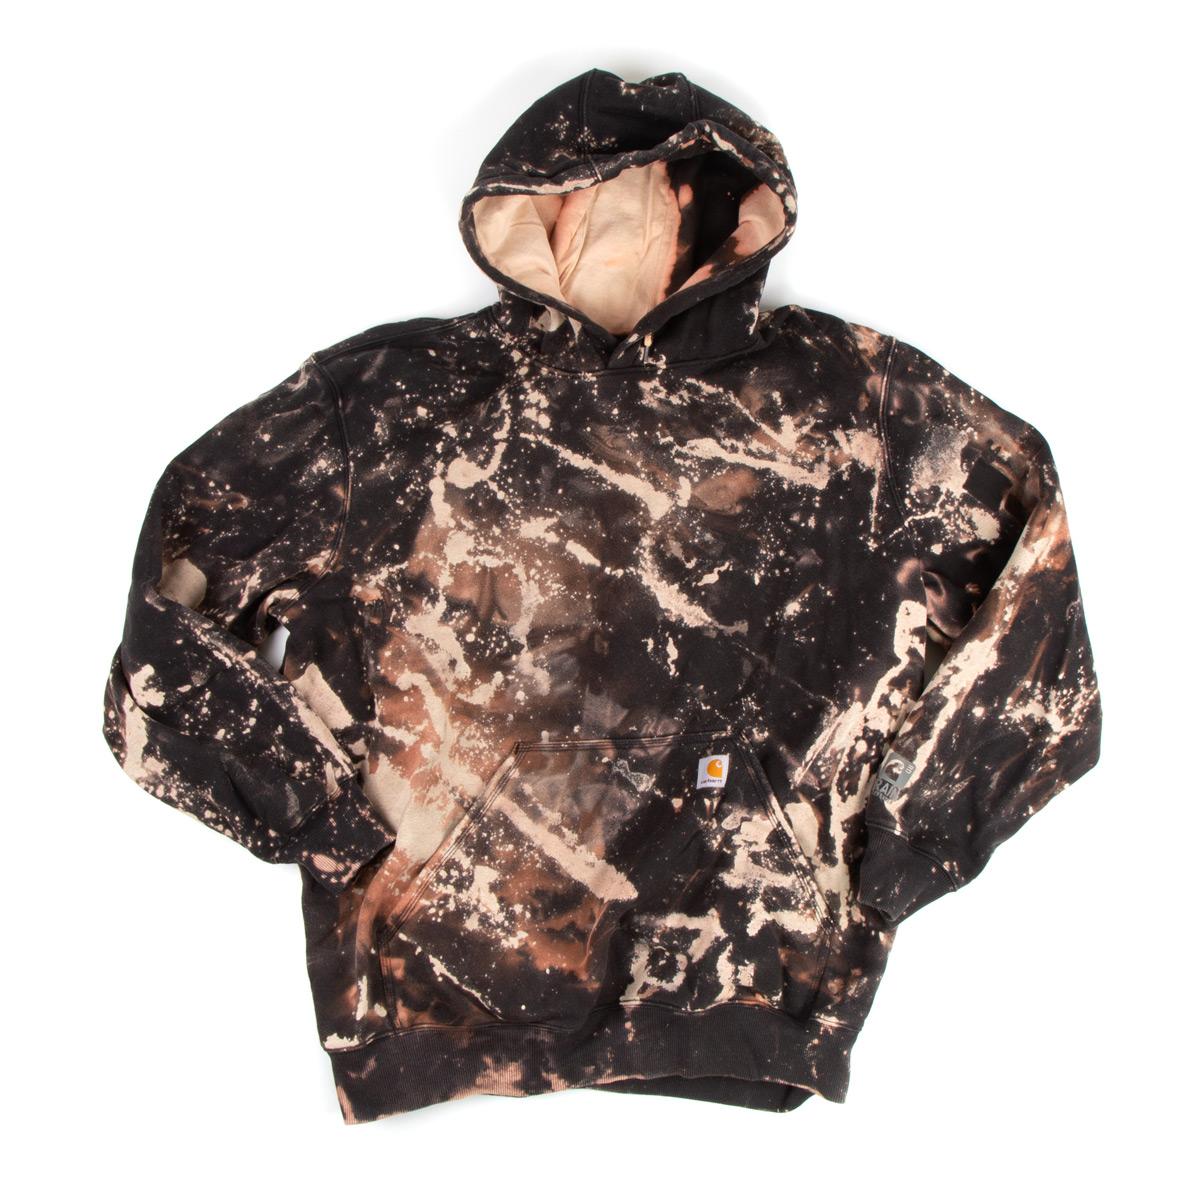 Bleached Black Carhartt Hoodie (XL)